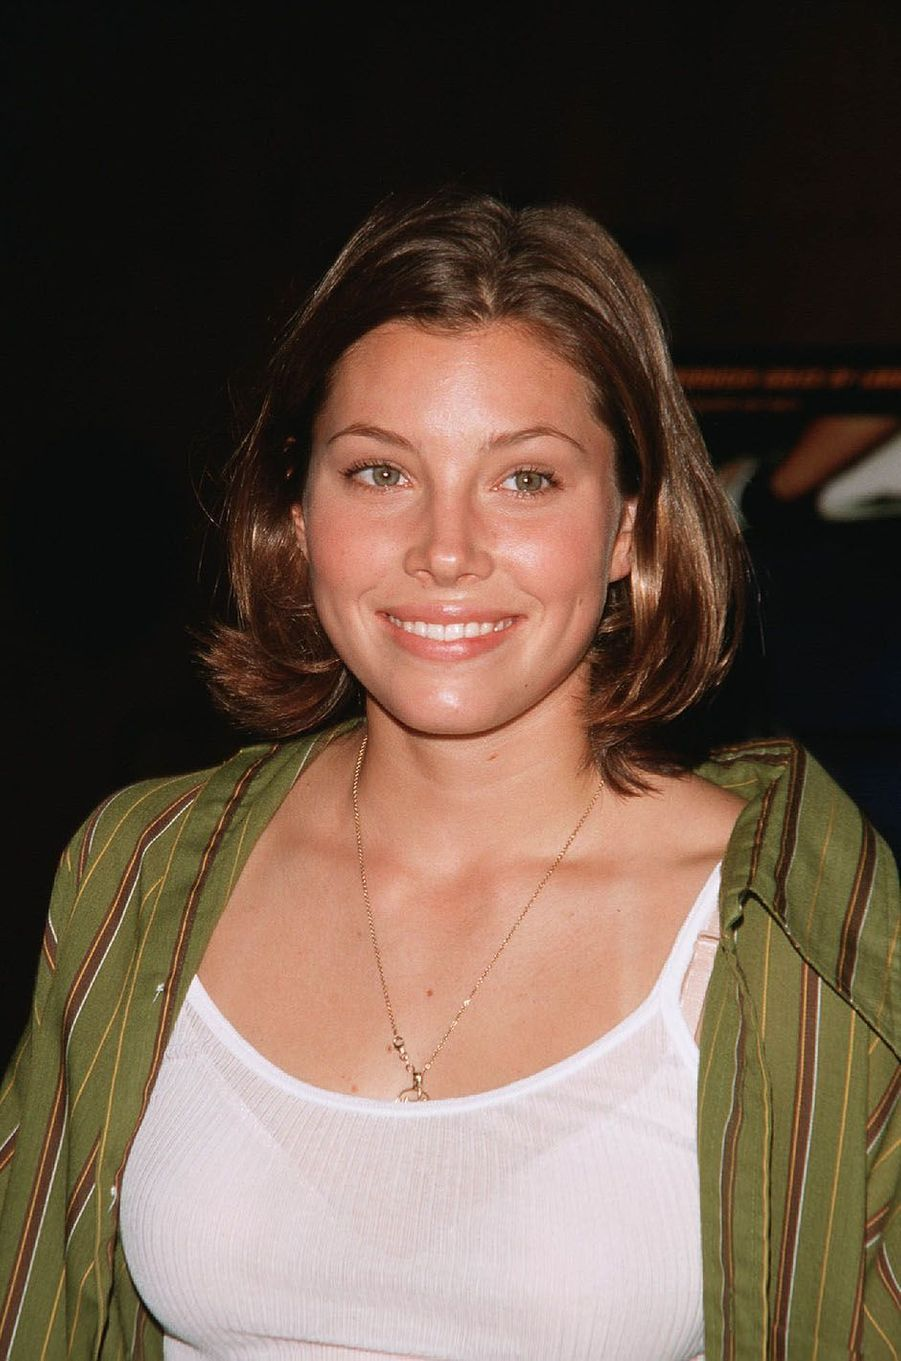 Jessica Biel en 2000.